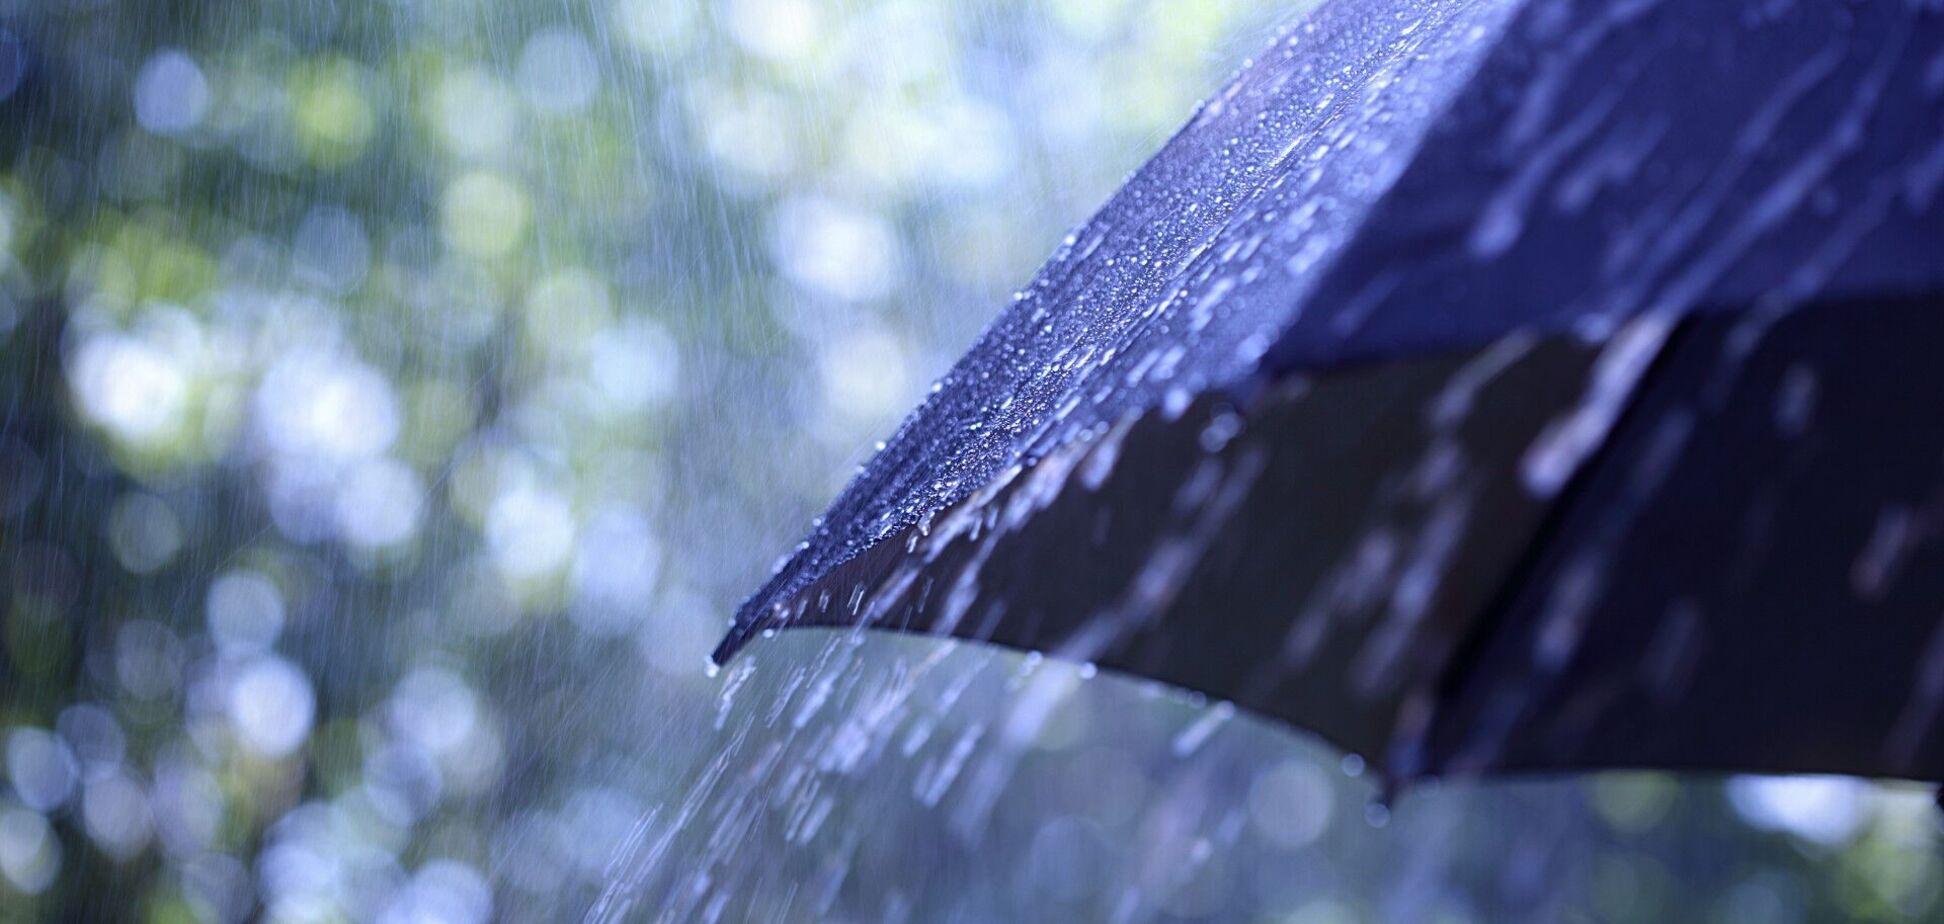 В Україну прийшли дощі та похолодання: прогноз погоди на суботу. Карта